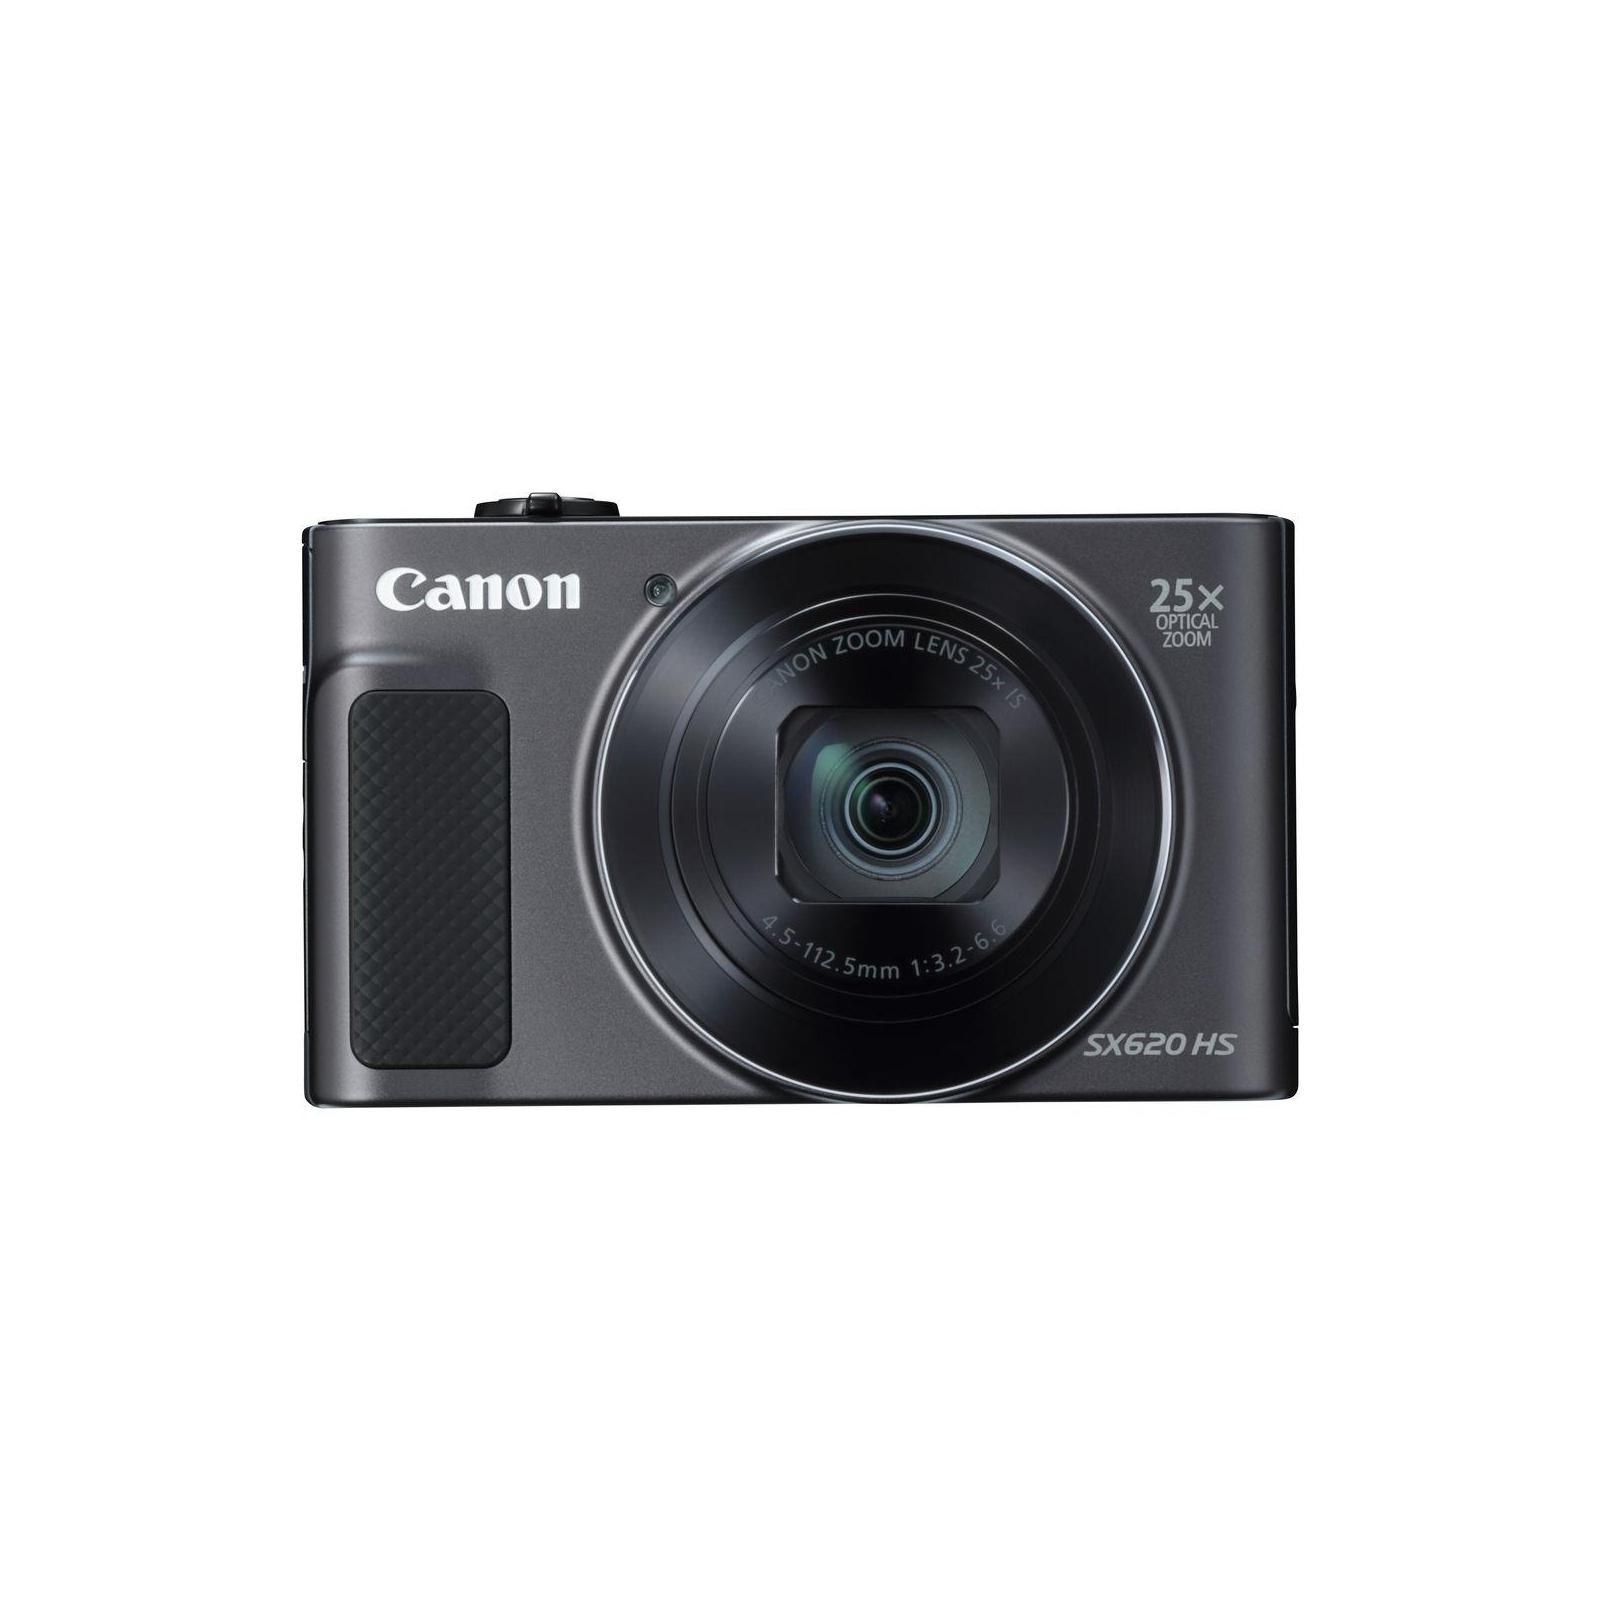 Цифровий фотоапарат Canon Powershot SX620 HS Black (1072C014) зображення 2